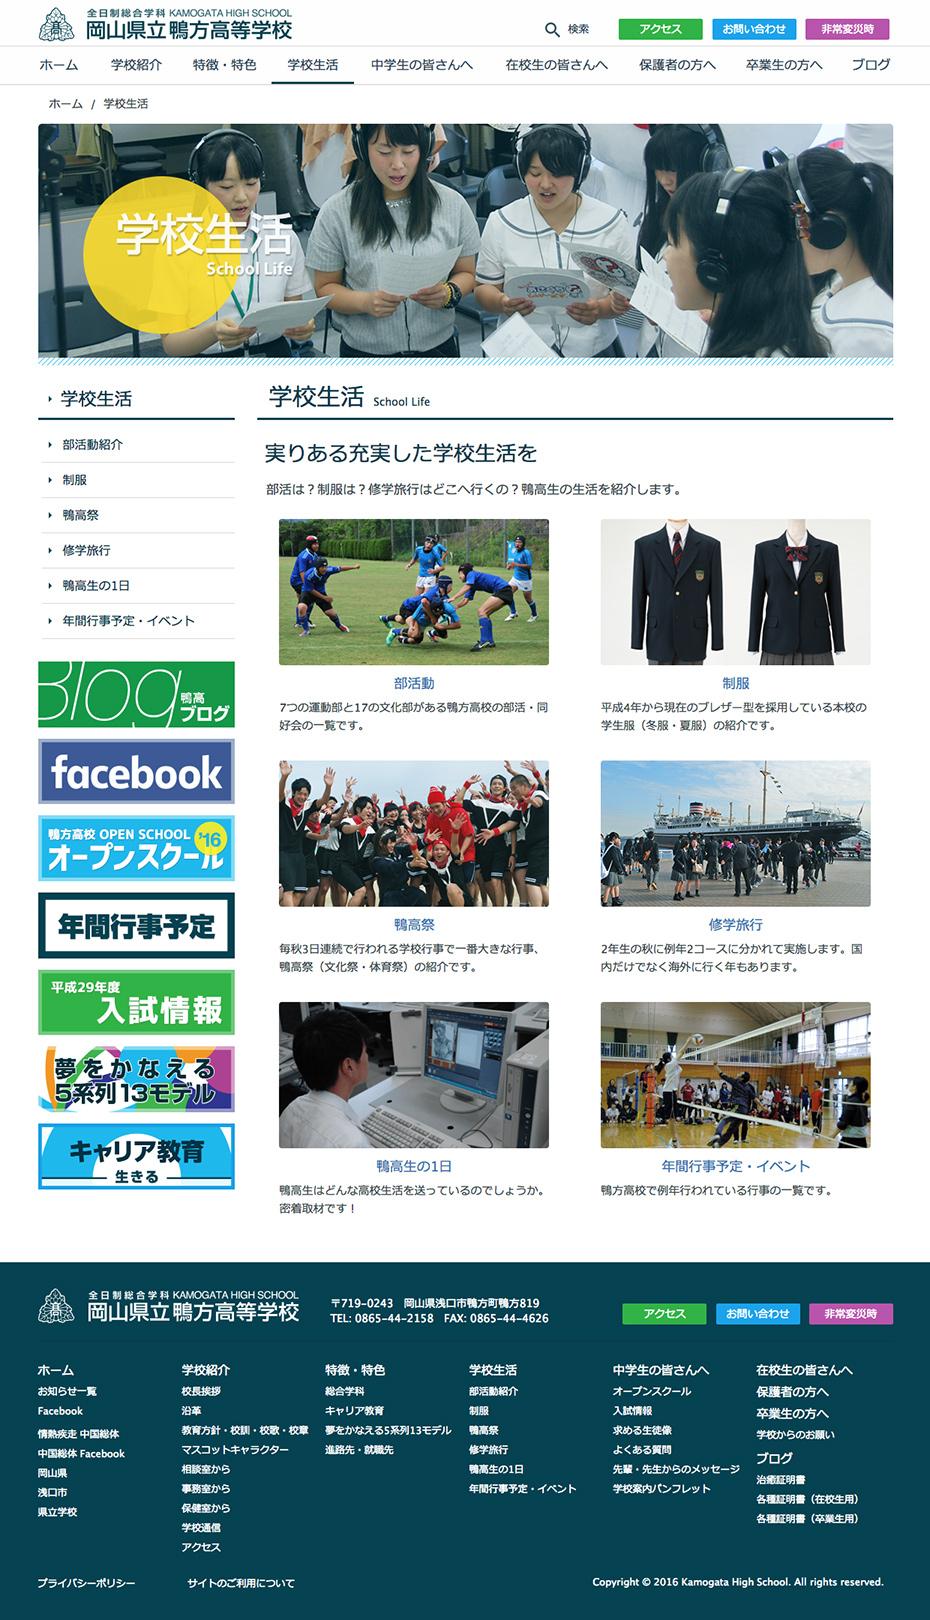 岡山県立鴨方高等学校様 ホームページ 学校生活